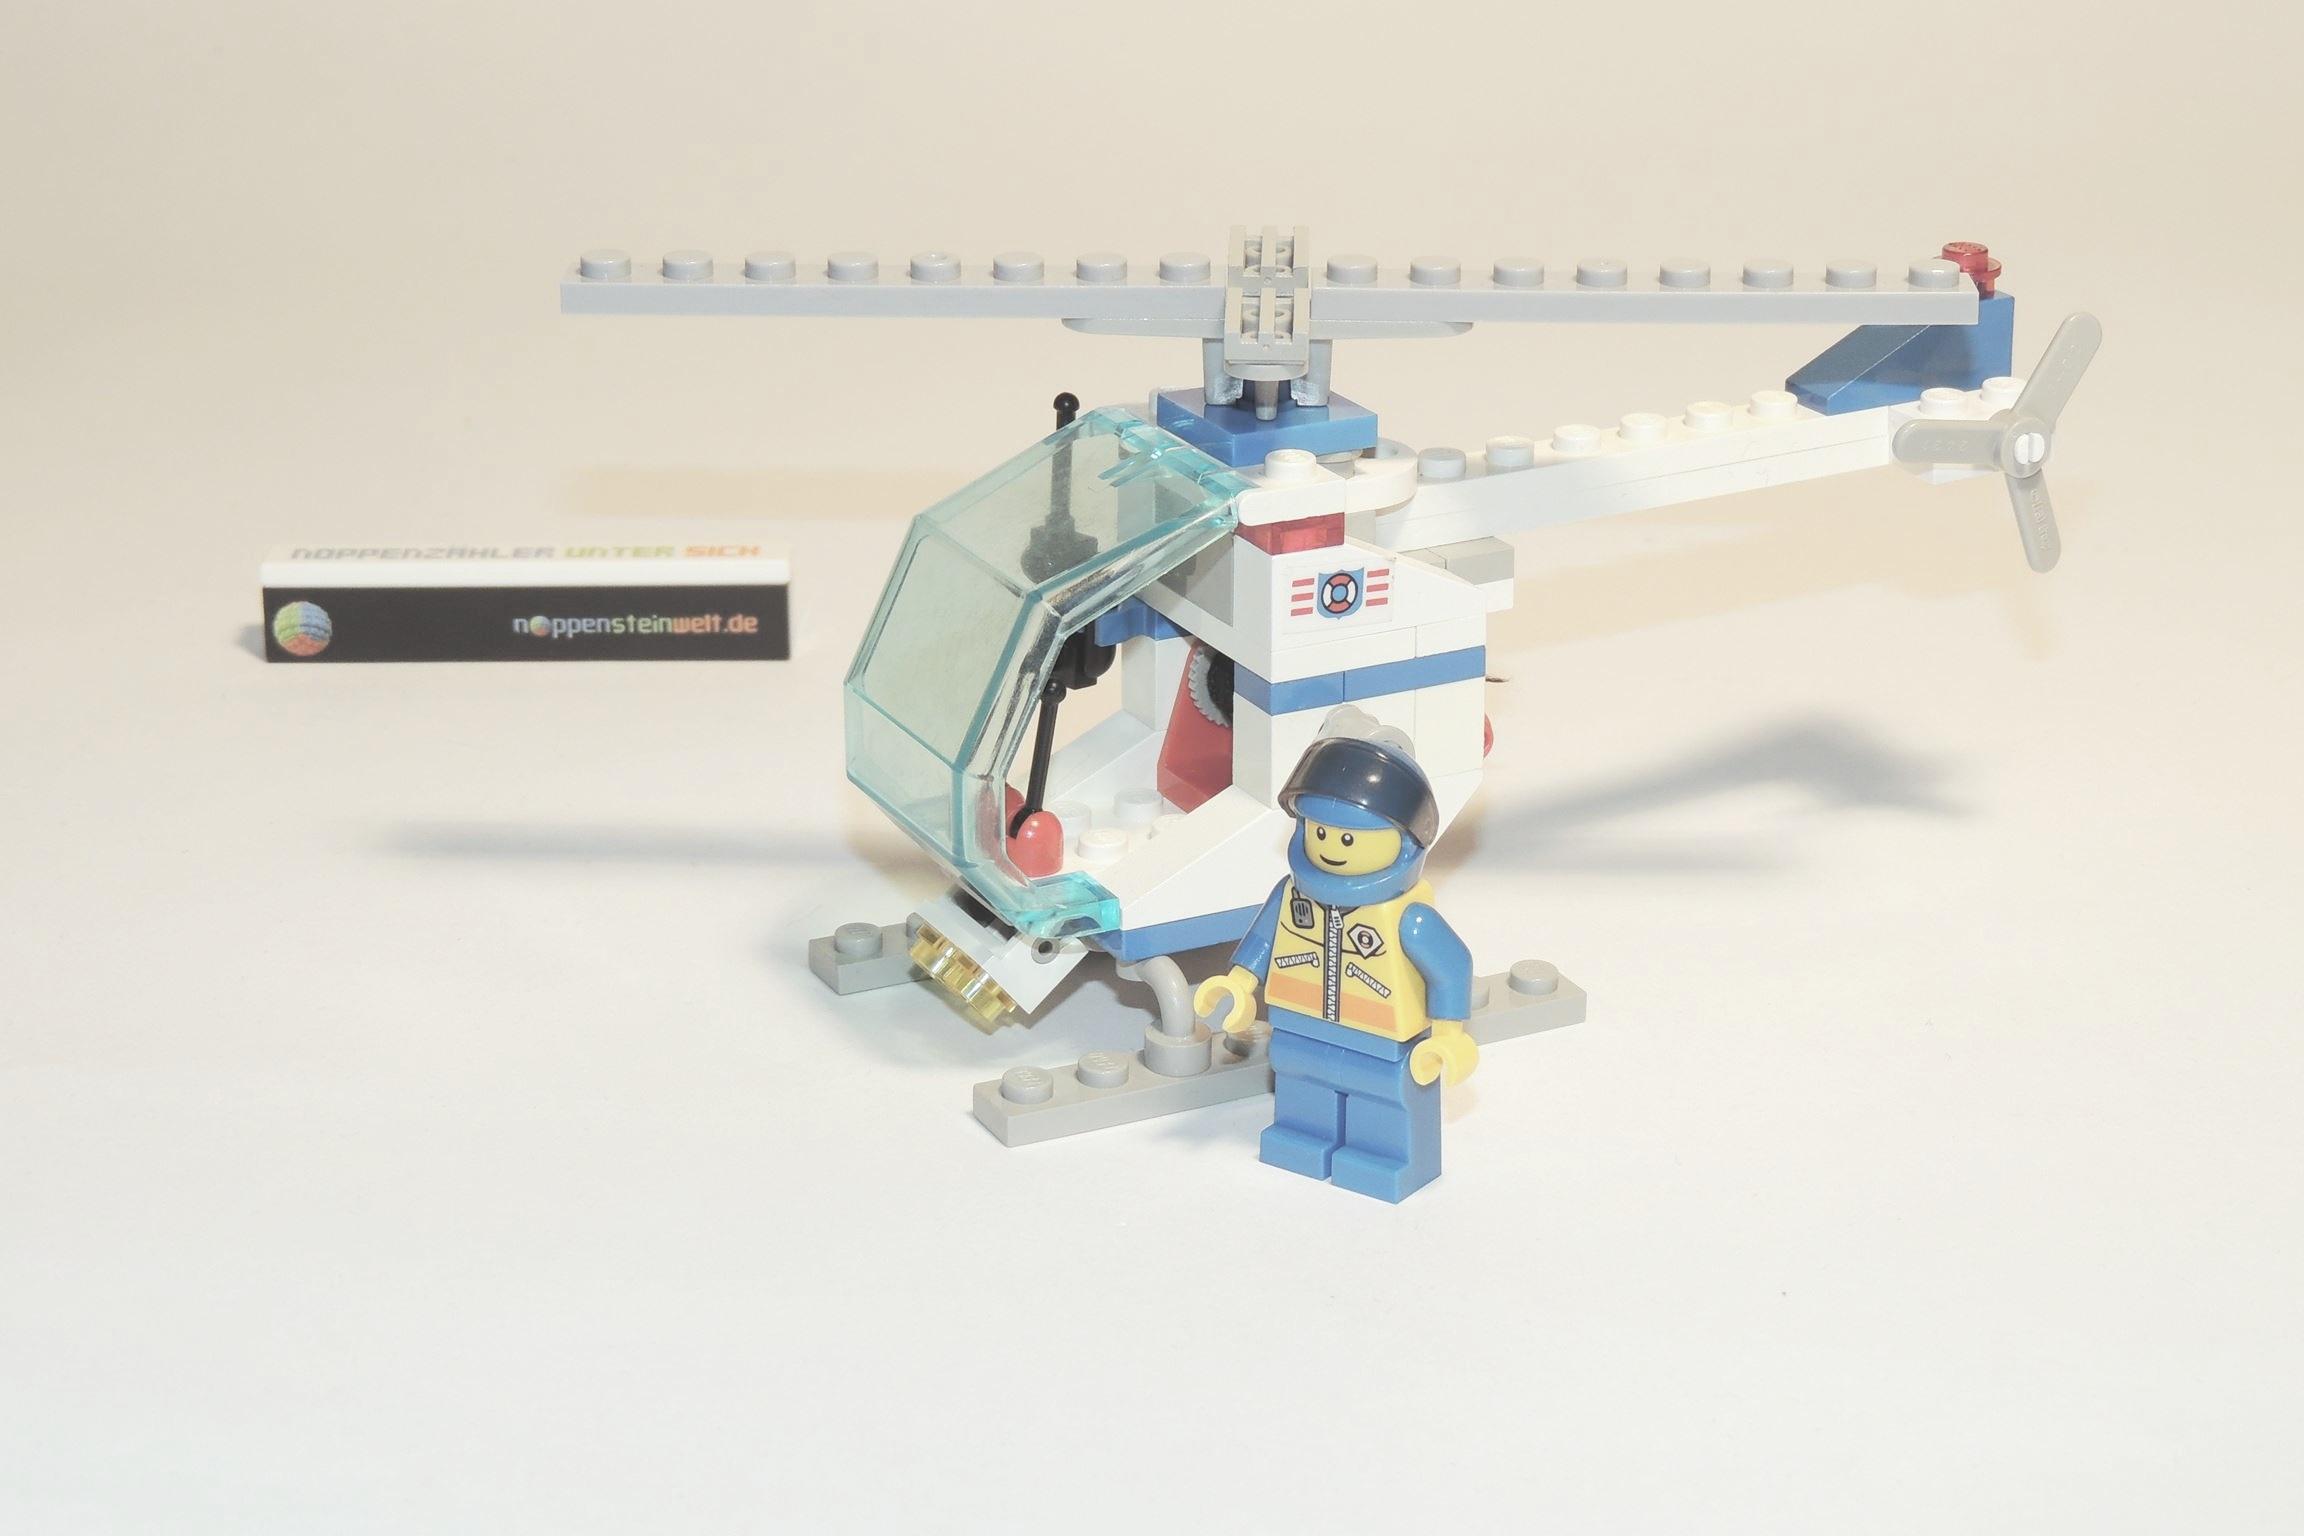 Wenn Lego auch kein Noppenbranding hätte, man würde es nicht erkennen.